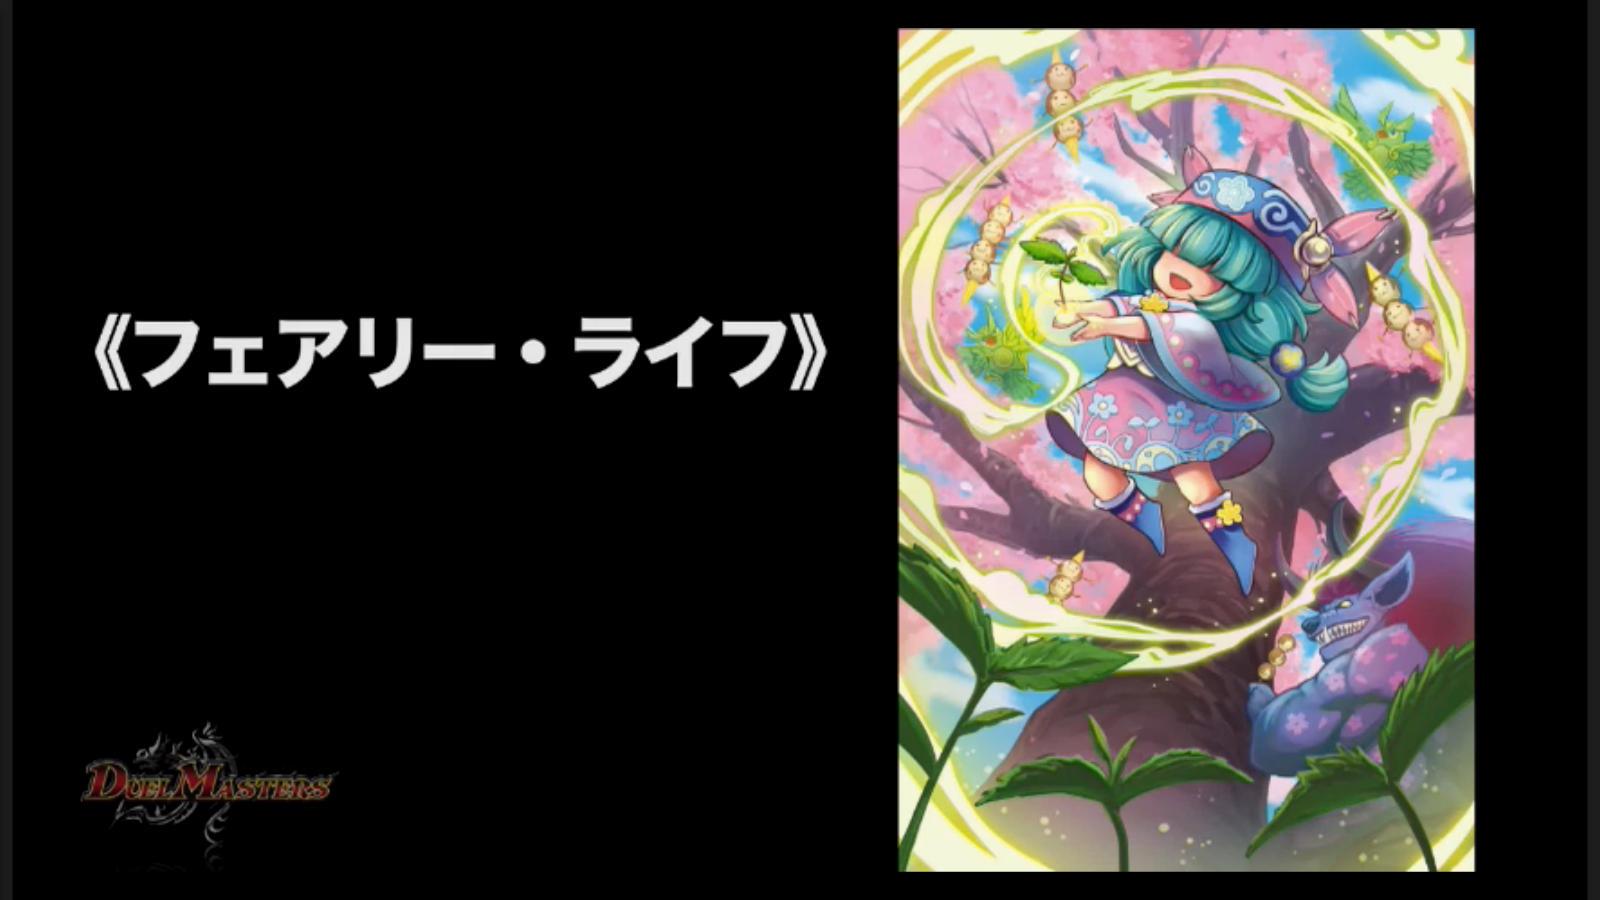 dm-kakumei-finalcup-news-170226-103.jpg